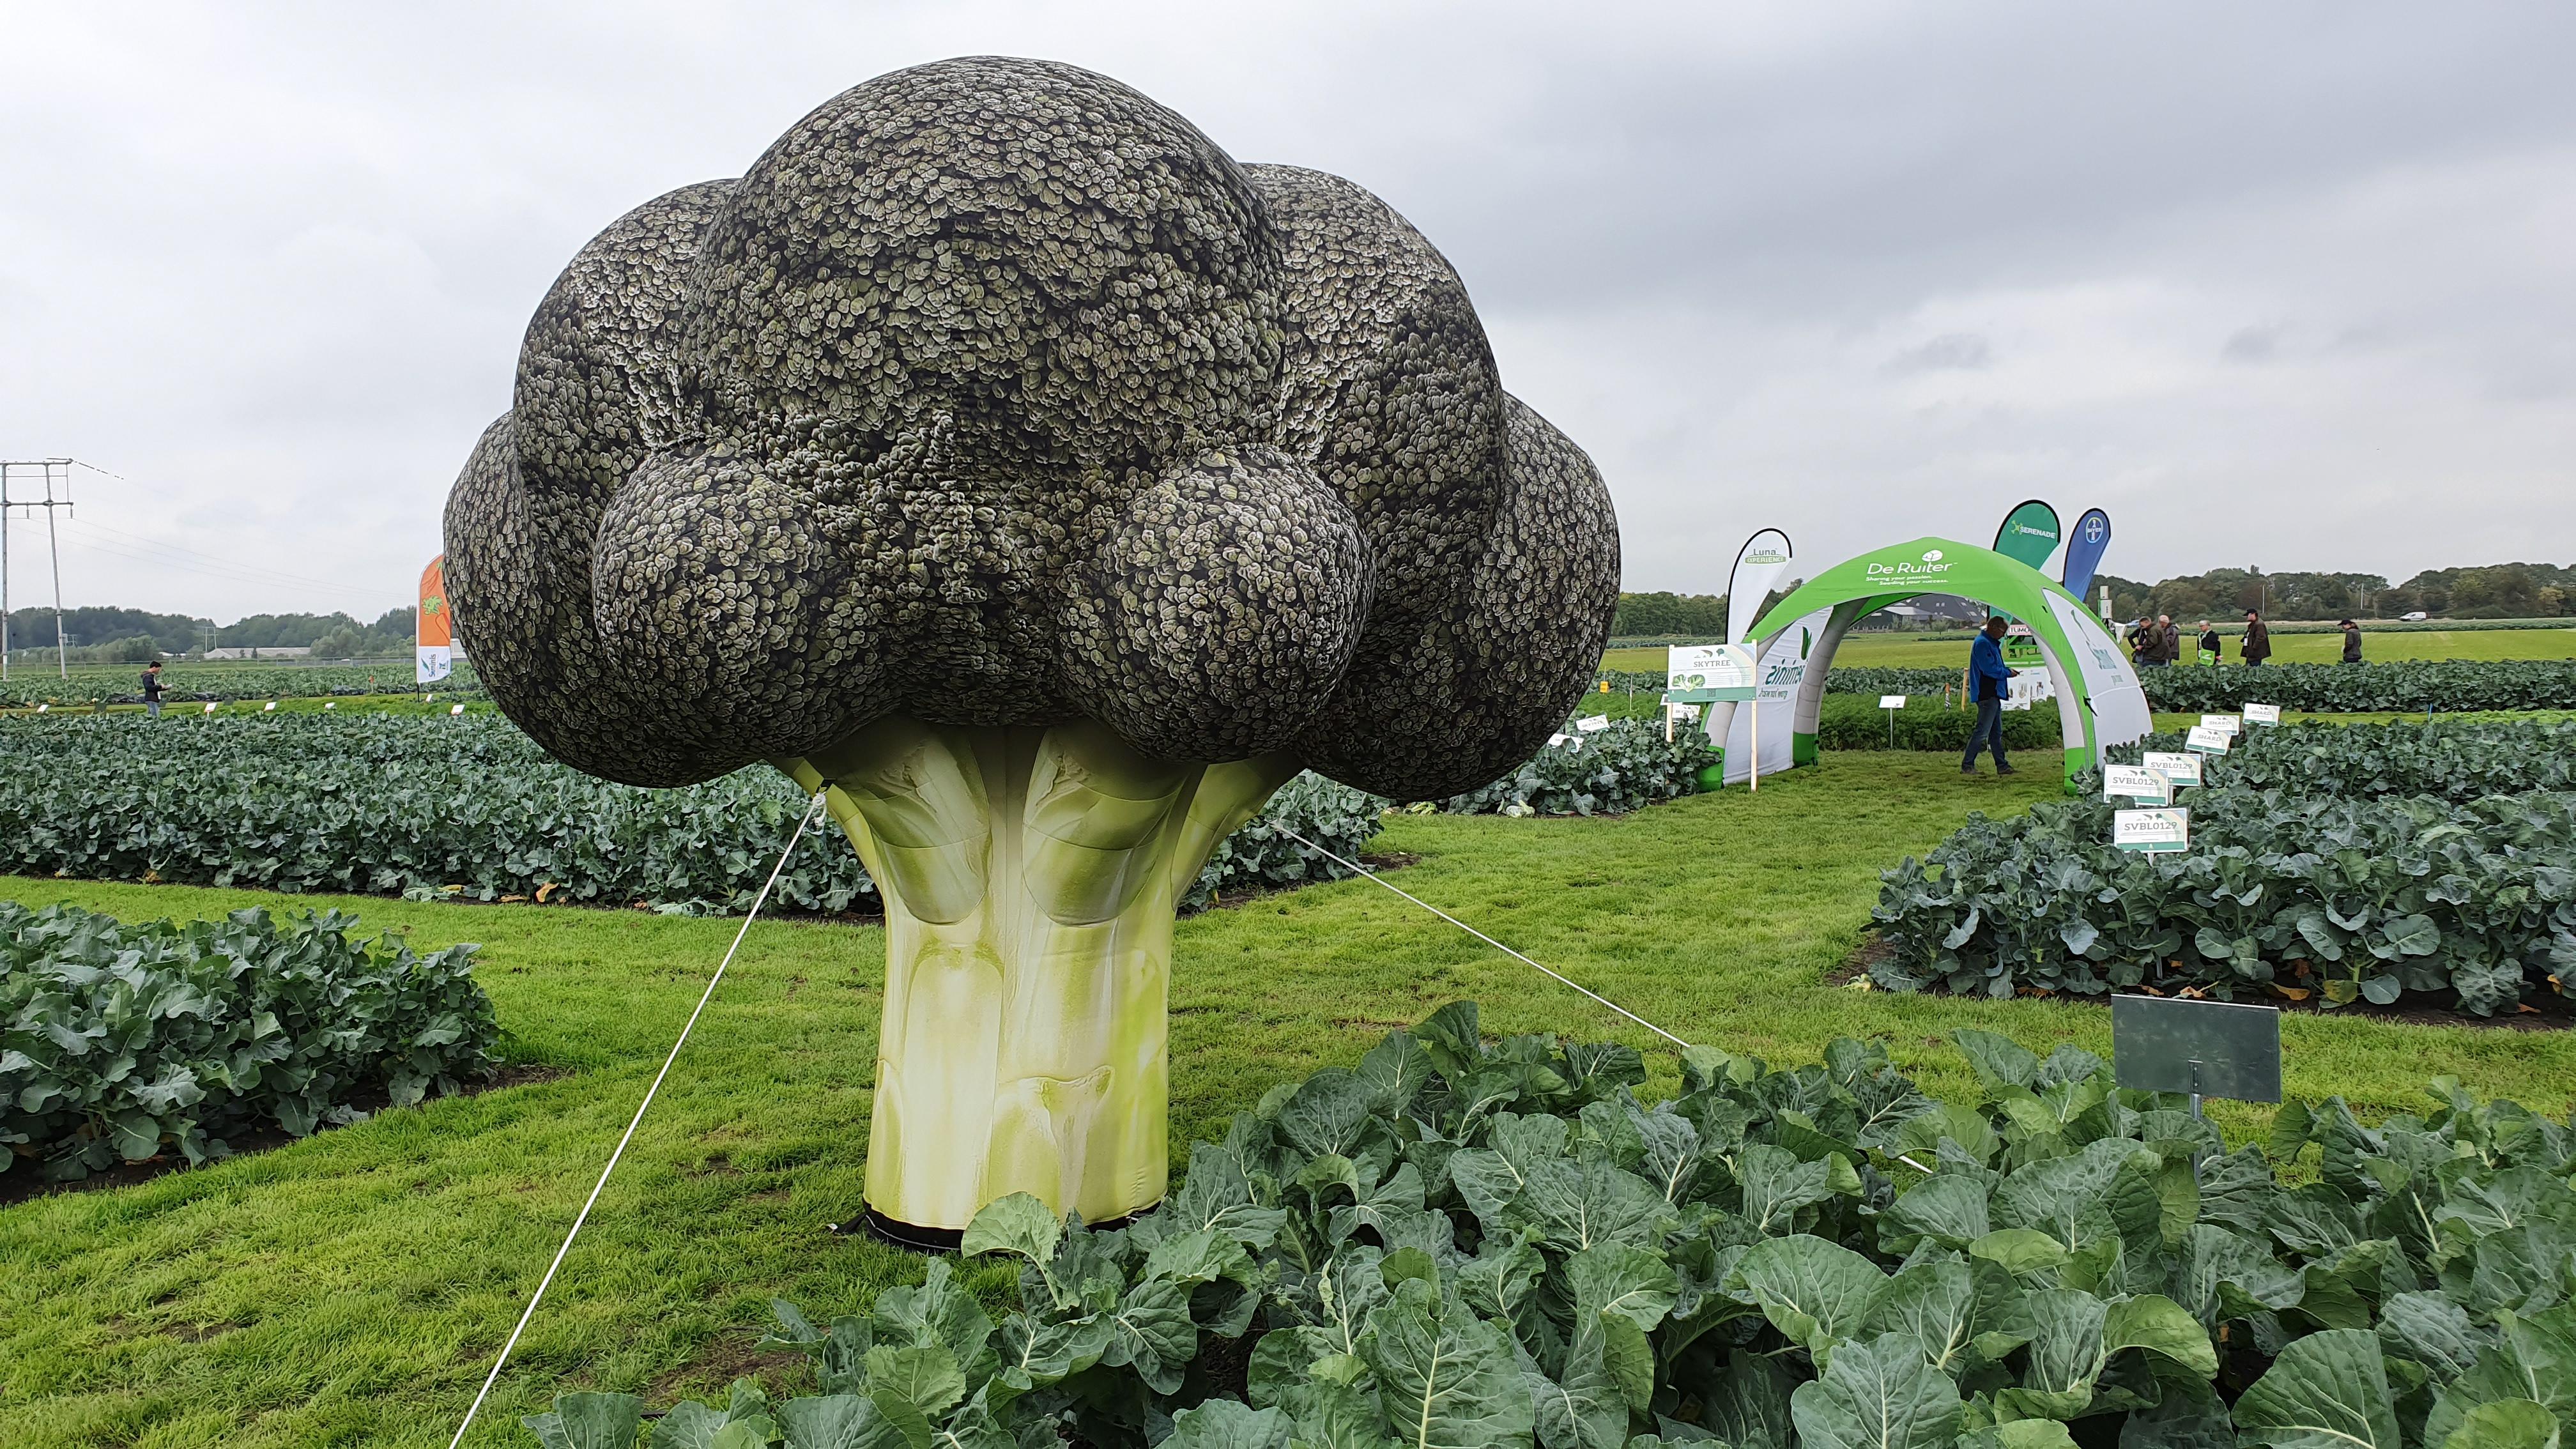 opblaasbare broccoli, blowups, giant inflatable broccoli, uitvergrote broccoli, productvergroting